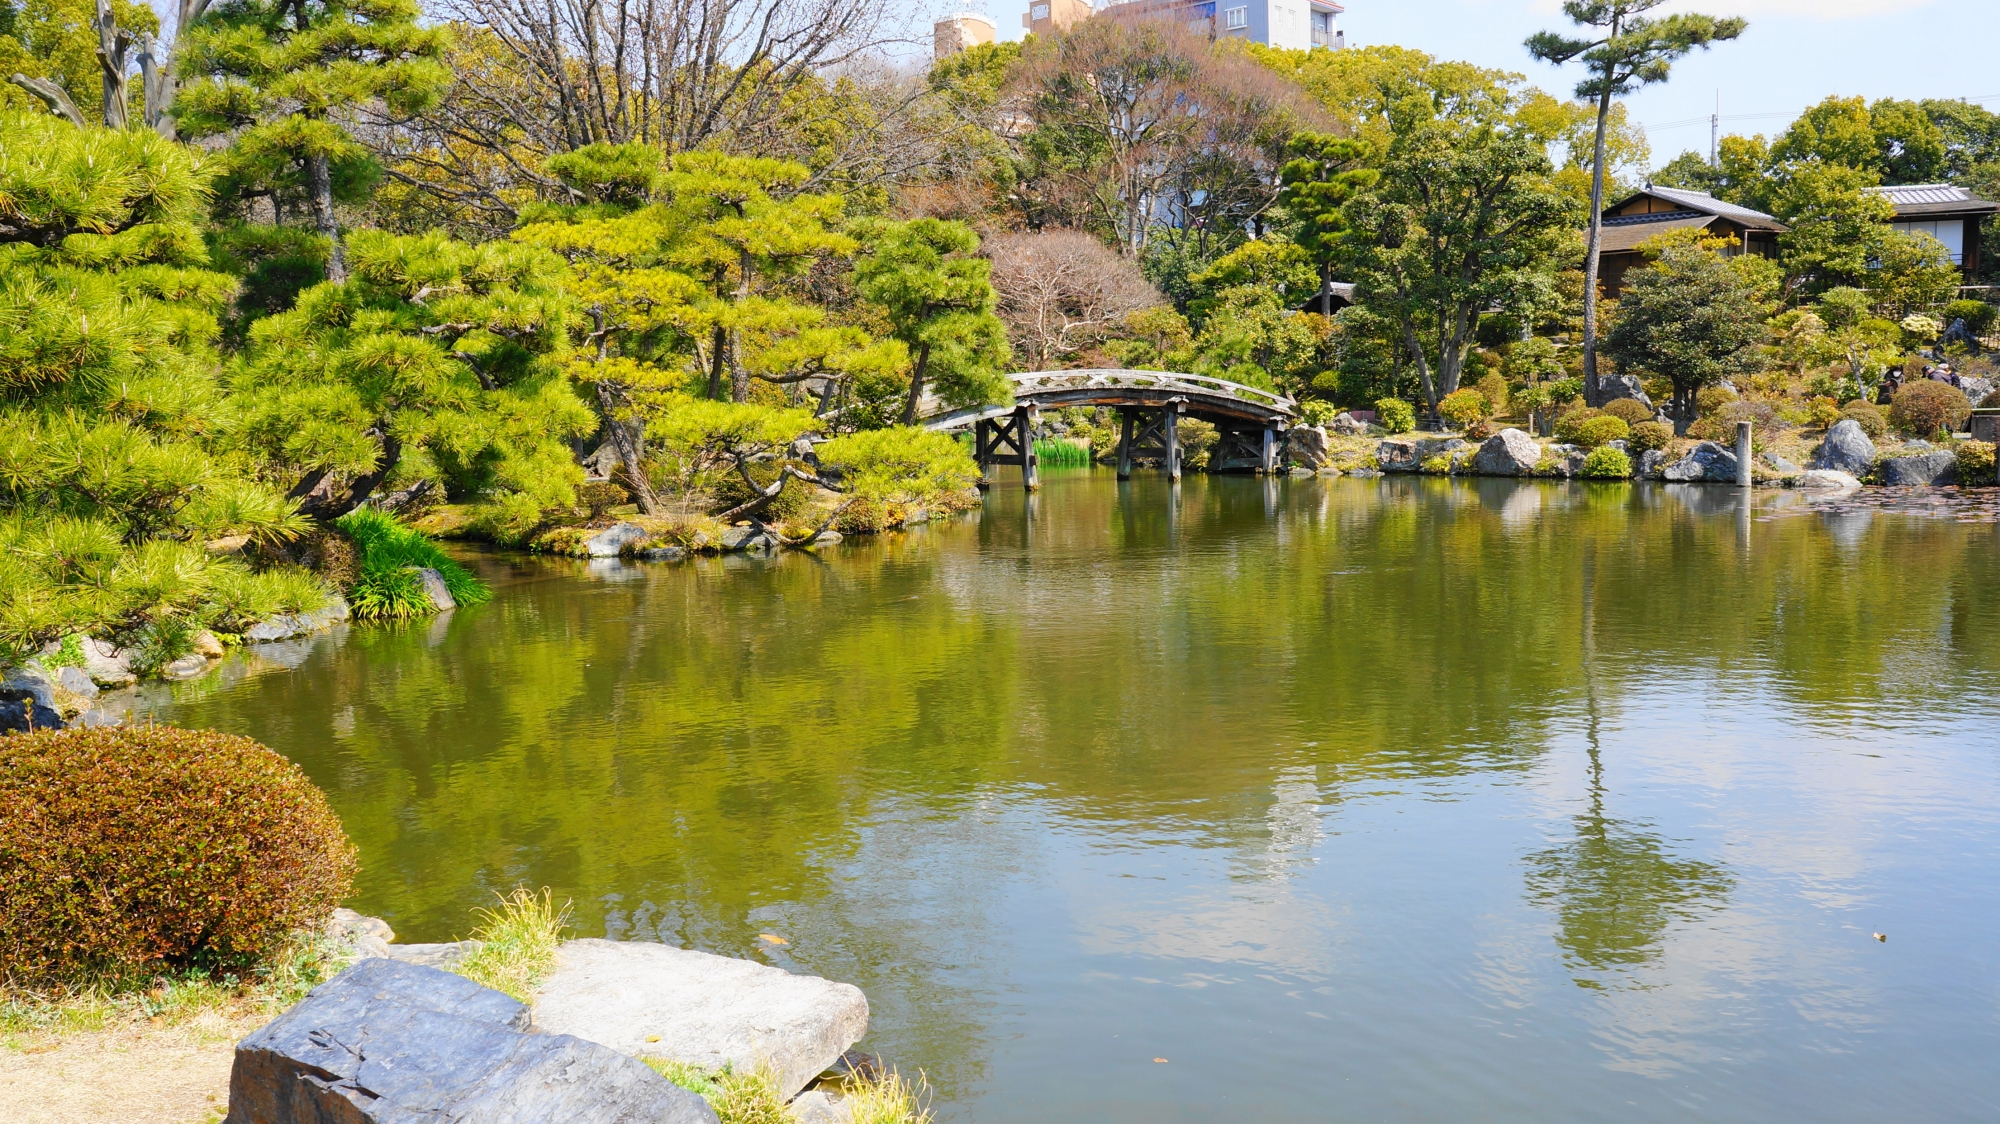 自然の溢れる印月池(いんげつち)とそこに架かる侵雪橋(しんせつきょう)と真ん中に浮かぶ北大島(きたおおしま)